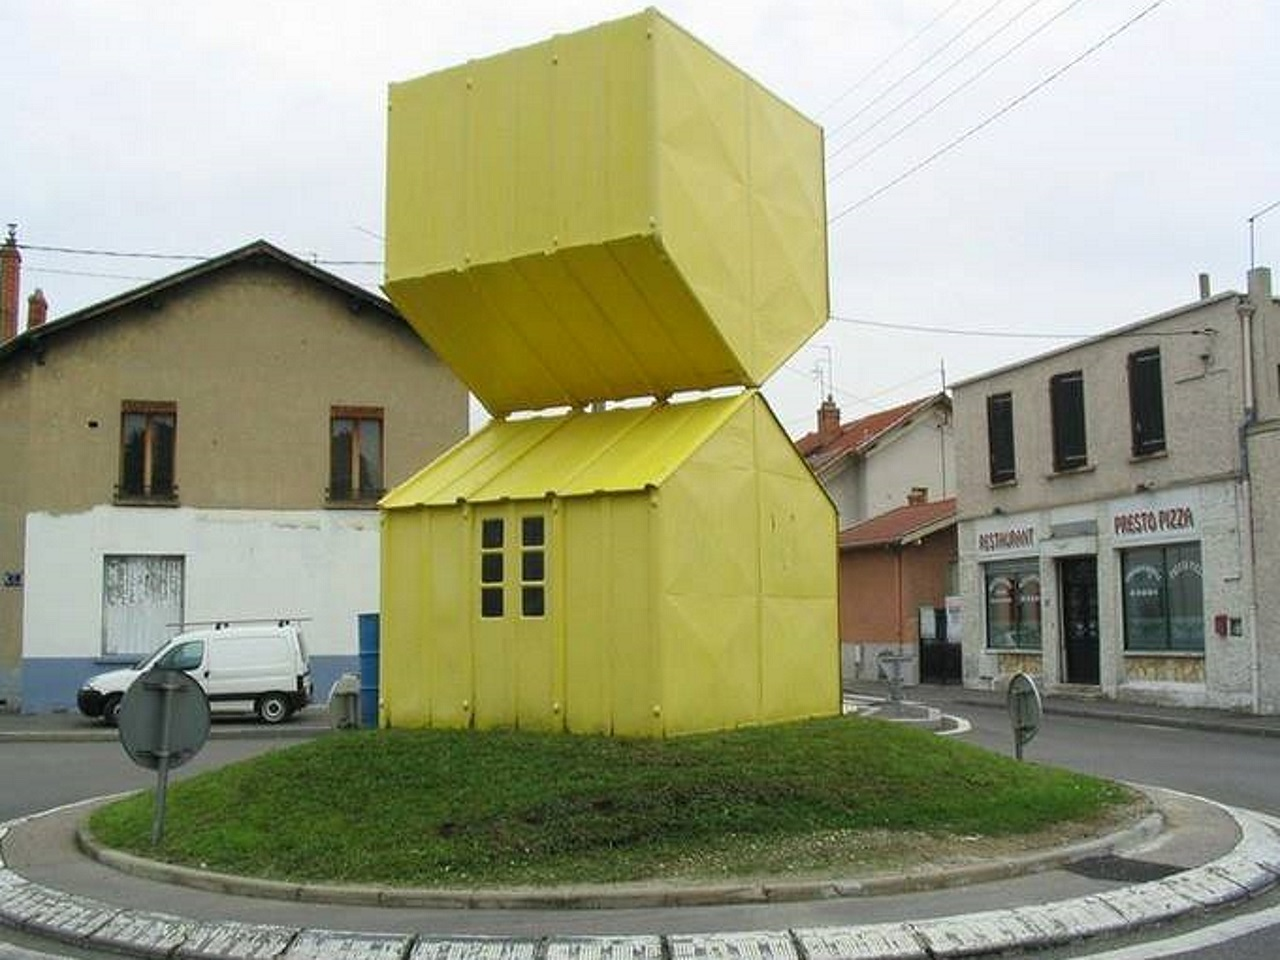 Les deux maisons de villeurbanne d sign rond point le for Les maisons en france